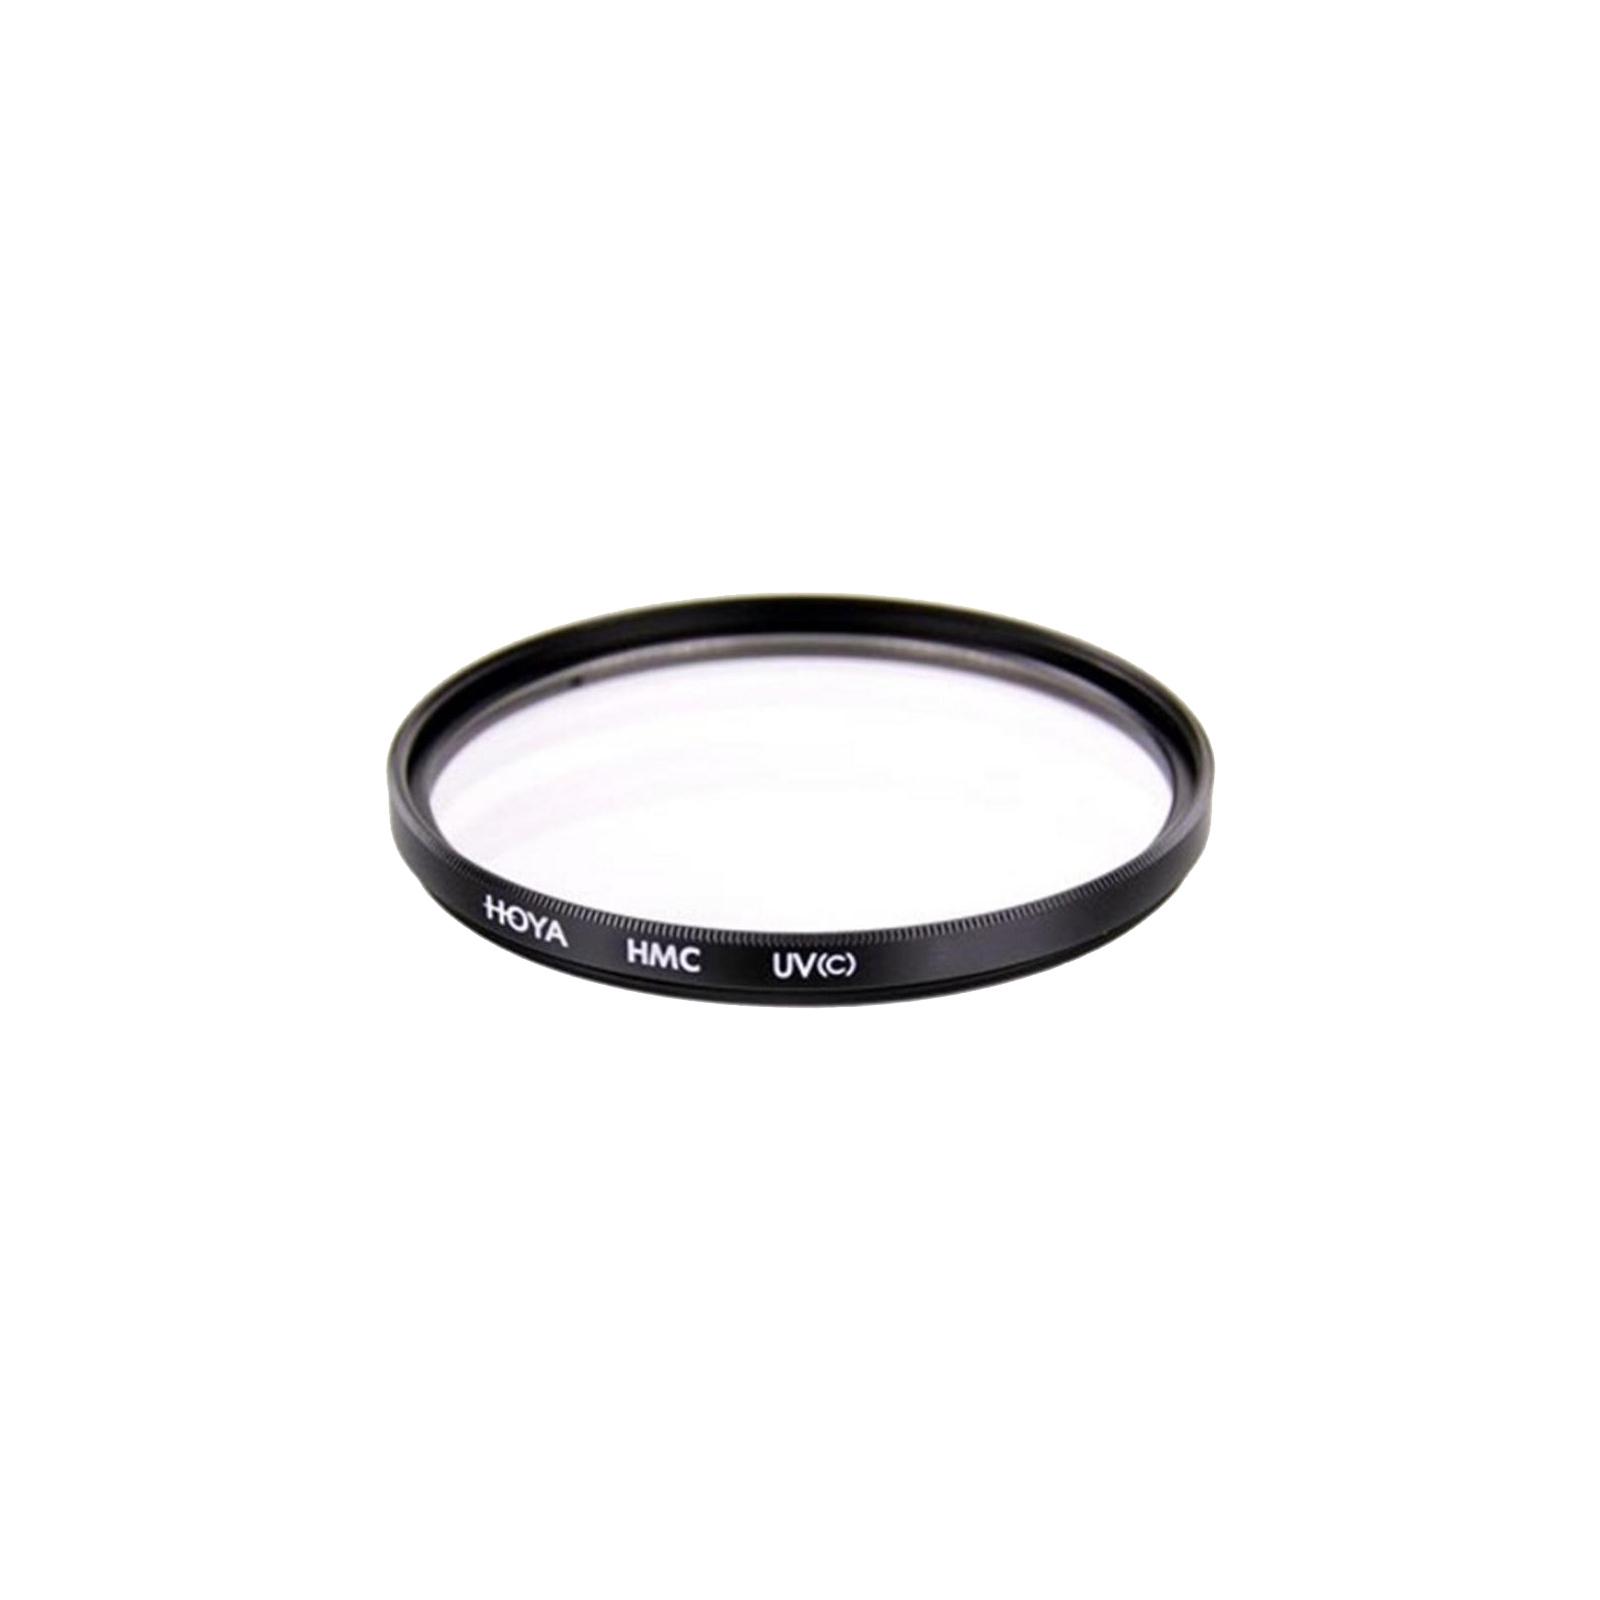 Светофильтр Hoya HMC UV(C) Filter 62mm (0024066051547)